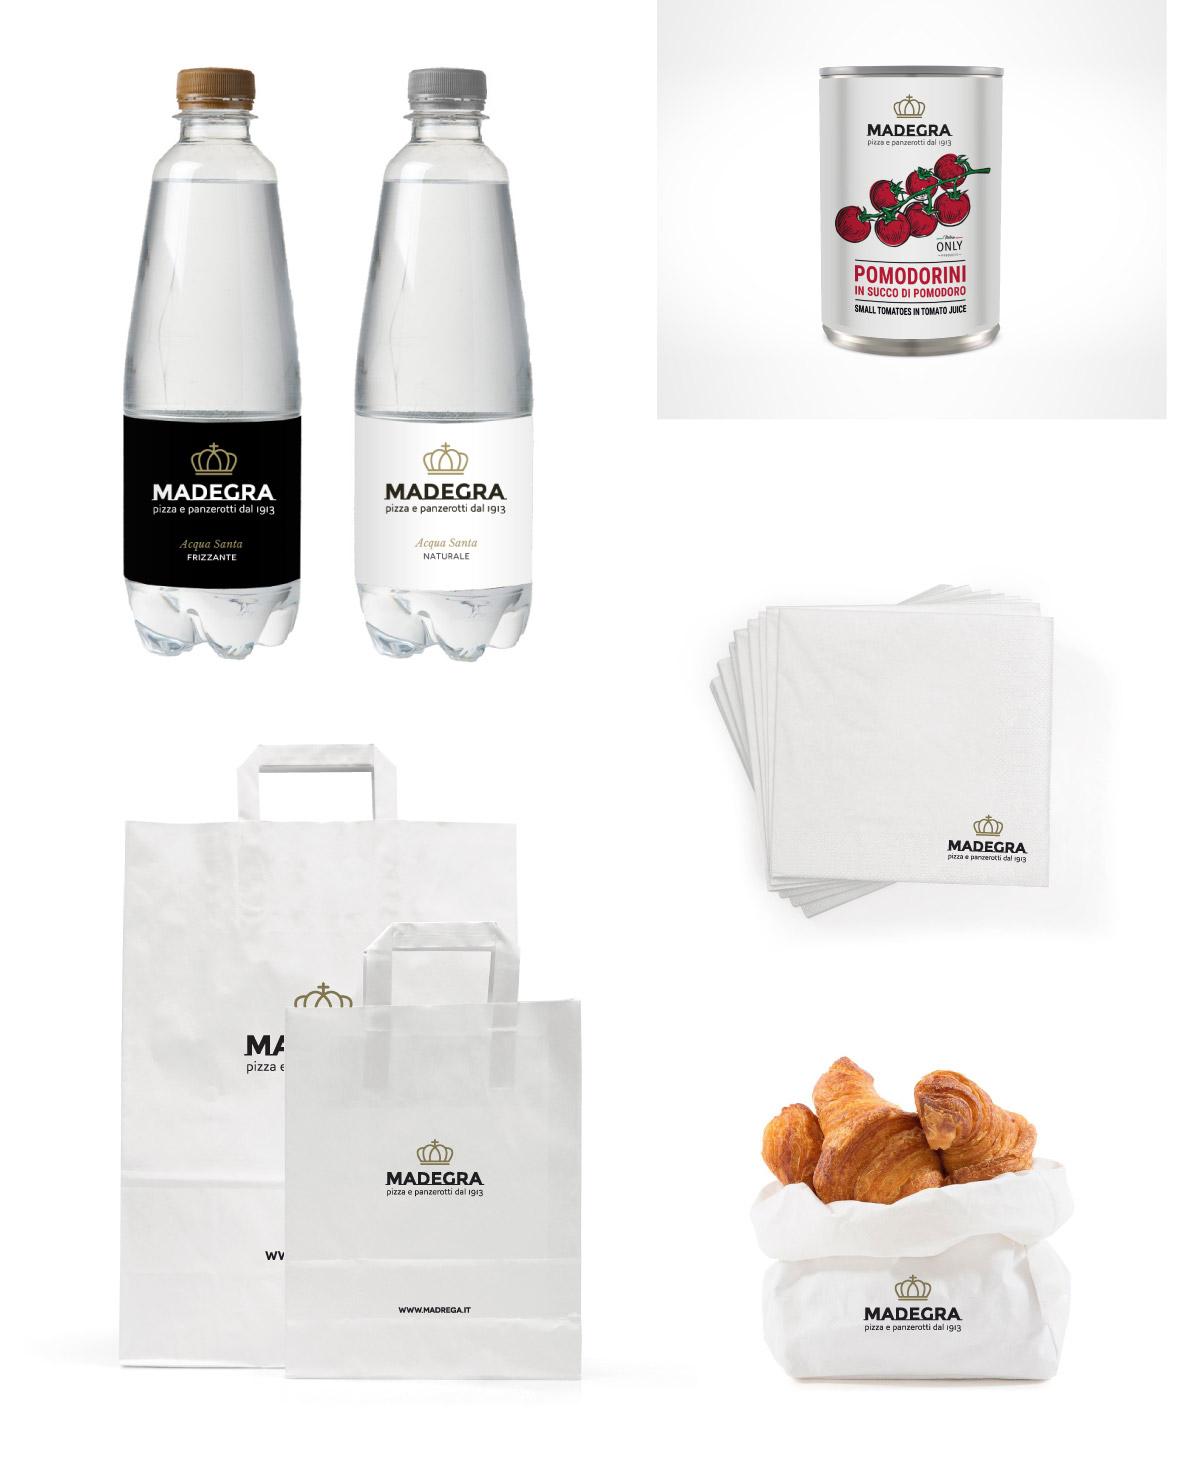 mintlab-brandidentity-Madegra-pizza-e-panzerotti-packaging-shopper-acqua-tovaglioli-lattina-pomodoro